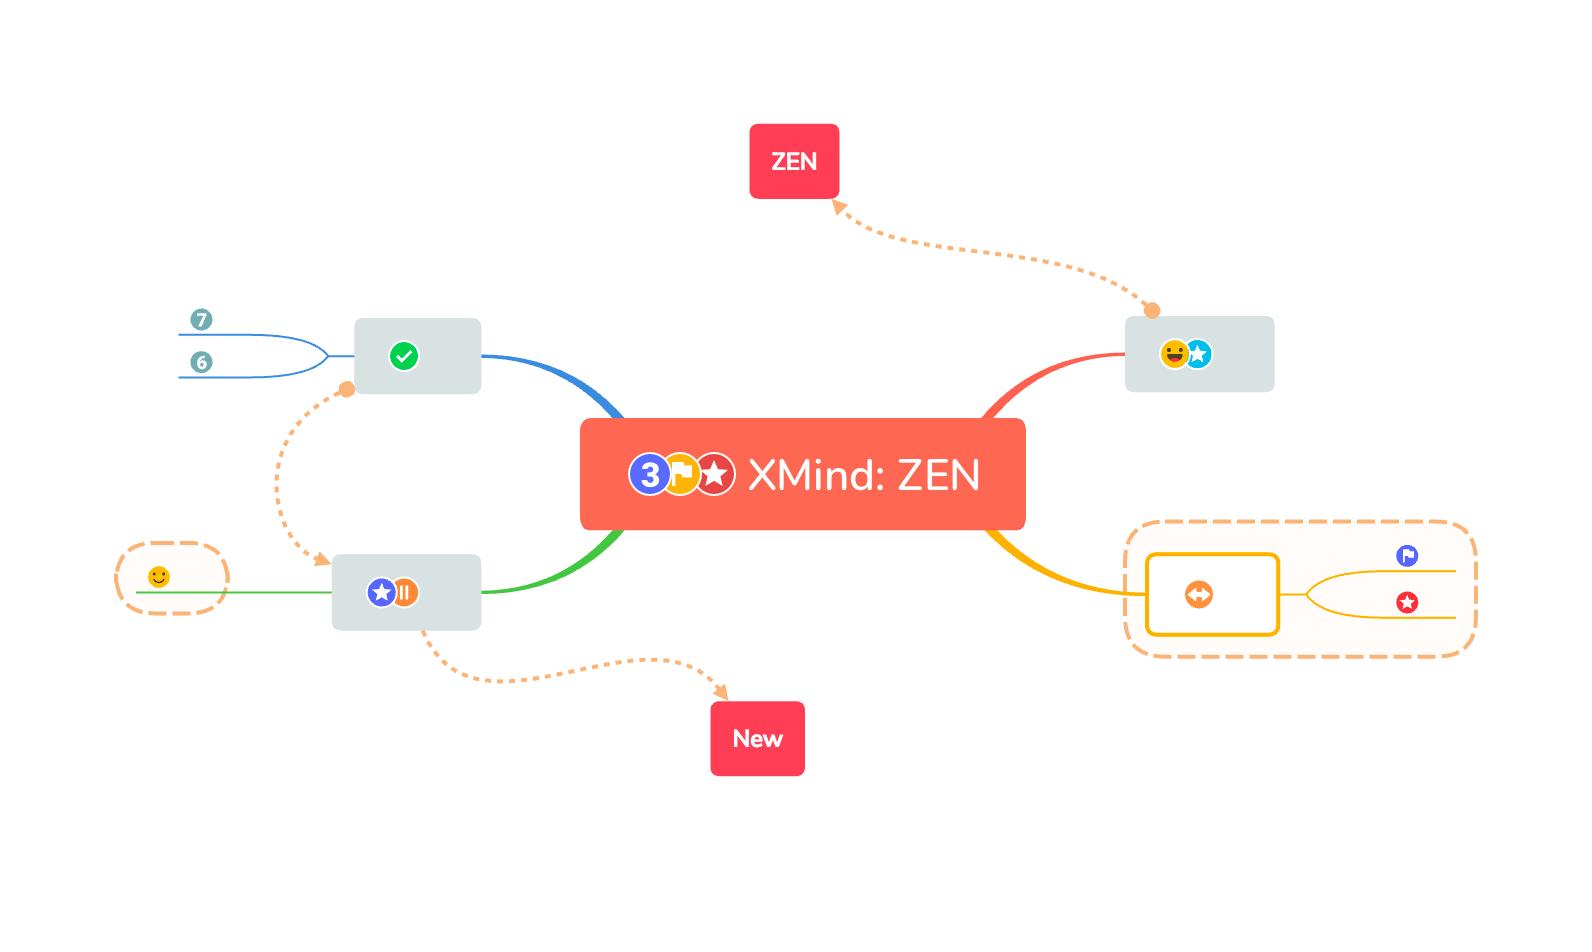 linux xmind zen